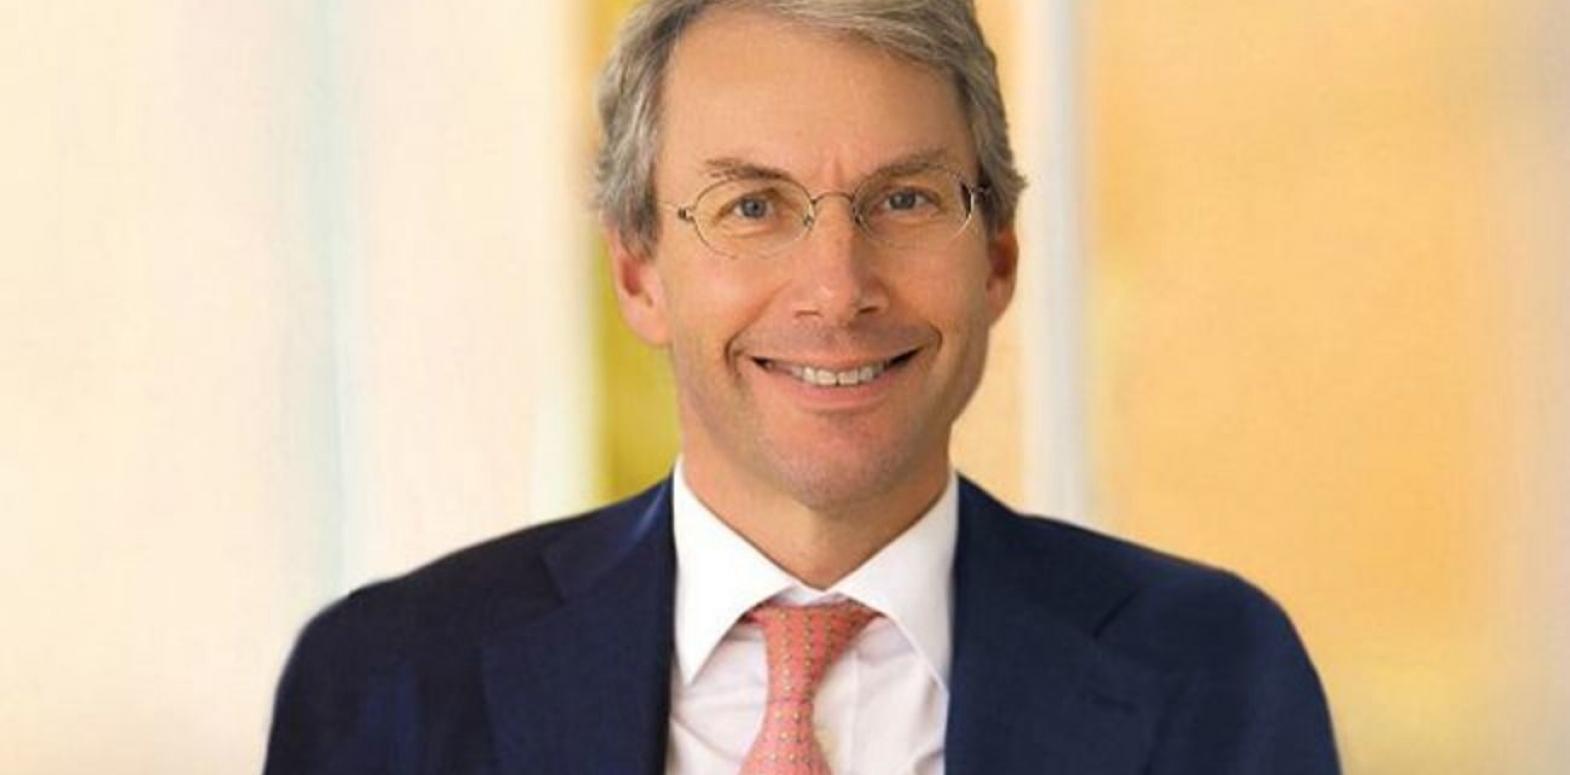 Заявление Ватерландера о газе за гривну - манипуляция, - эксперт